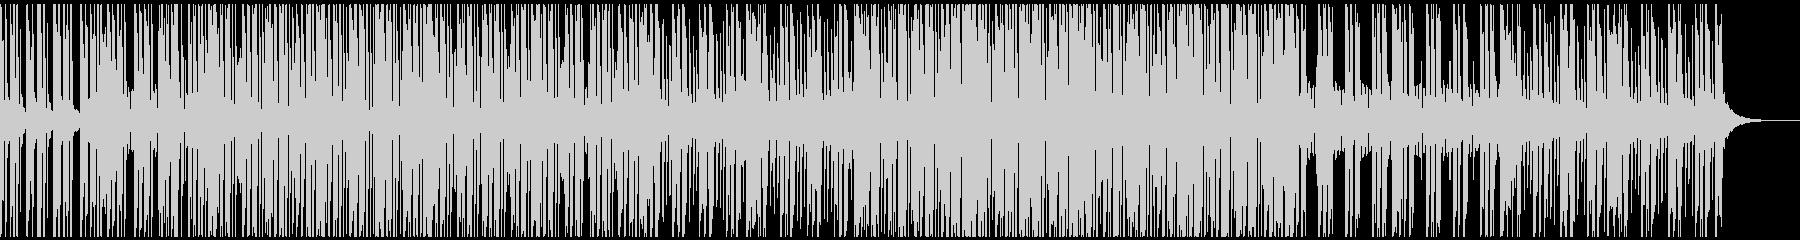 お洒落で楽し気な雰囲気のBGMの未再生の波形